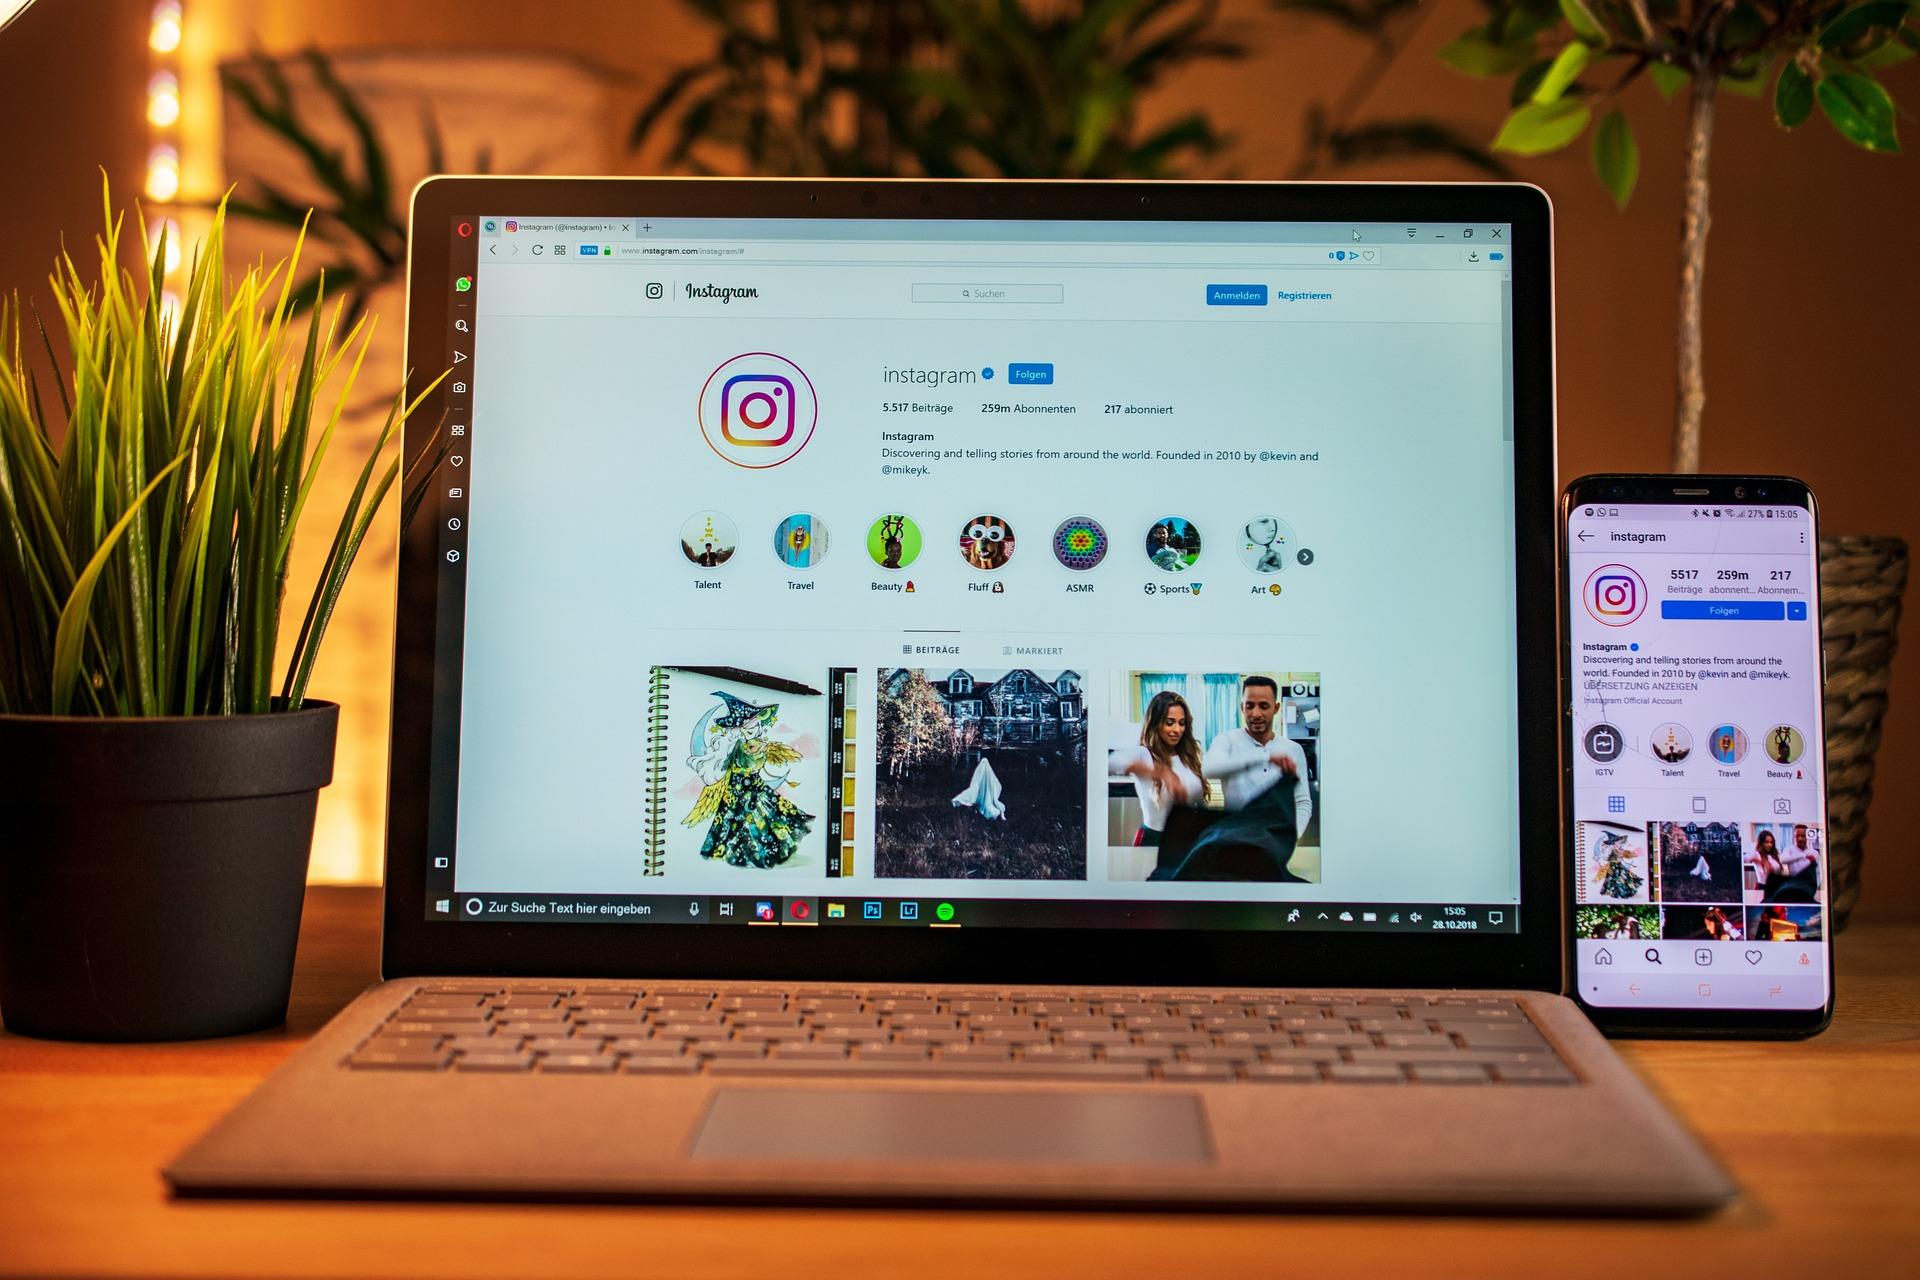 Sivil Toplum Örgütleri için Instagram'ı Verimli Kullanmayı Sağlayacak 8 Püf Nokta